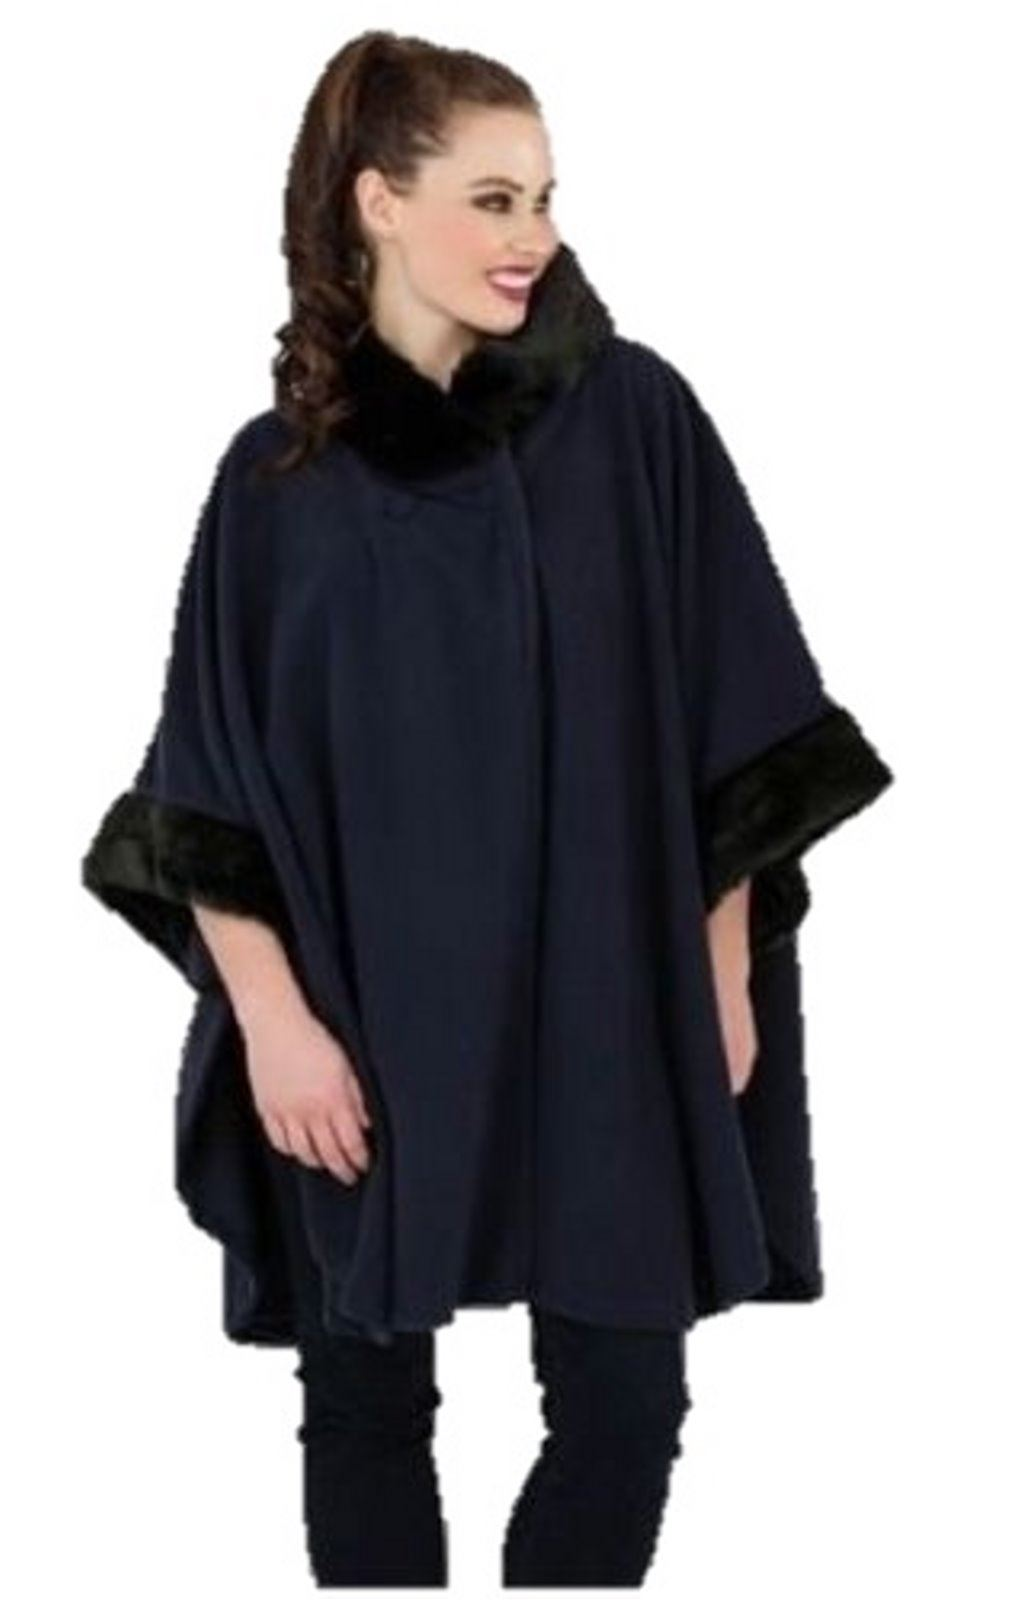 manteau cape poncho polaire femme fausse fourrure grandes tailles ebay. Black Bedroom Furniture Sets. Home Design Ideas